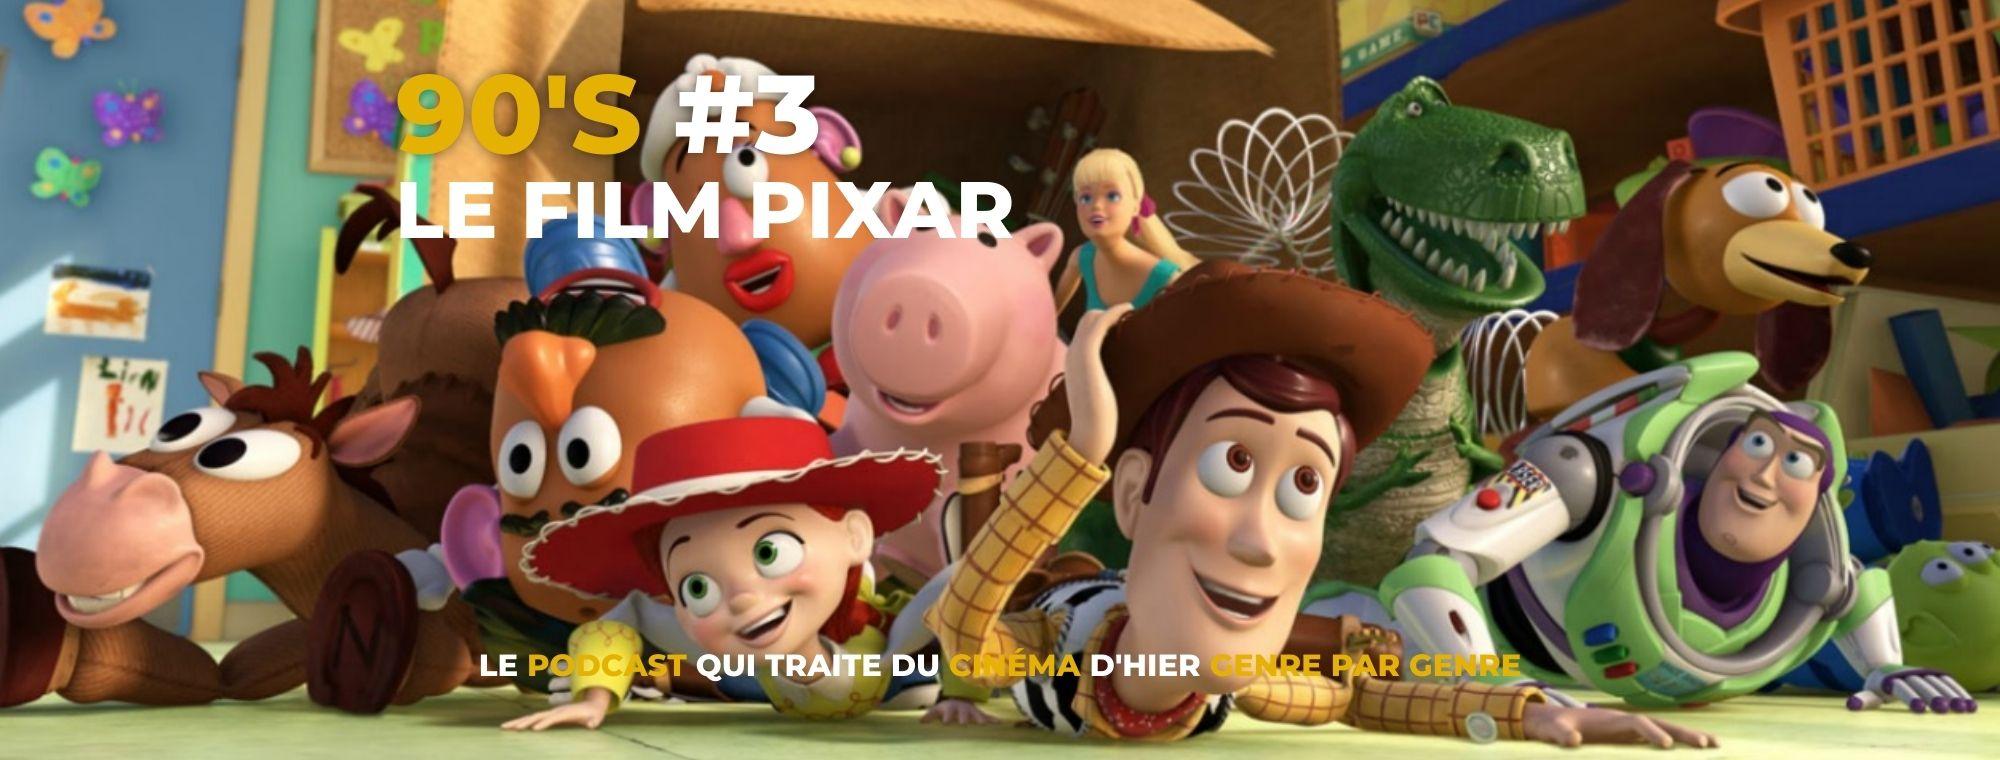 Parlons Péloches - 90's #3 Le film Pixar